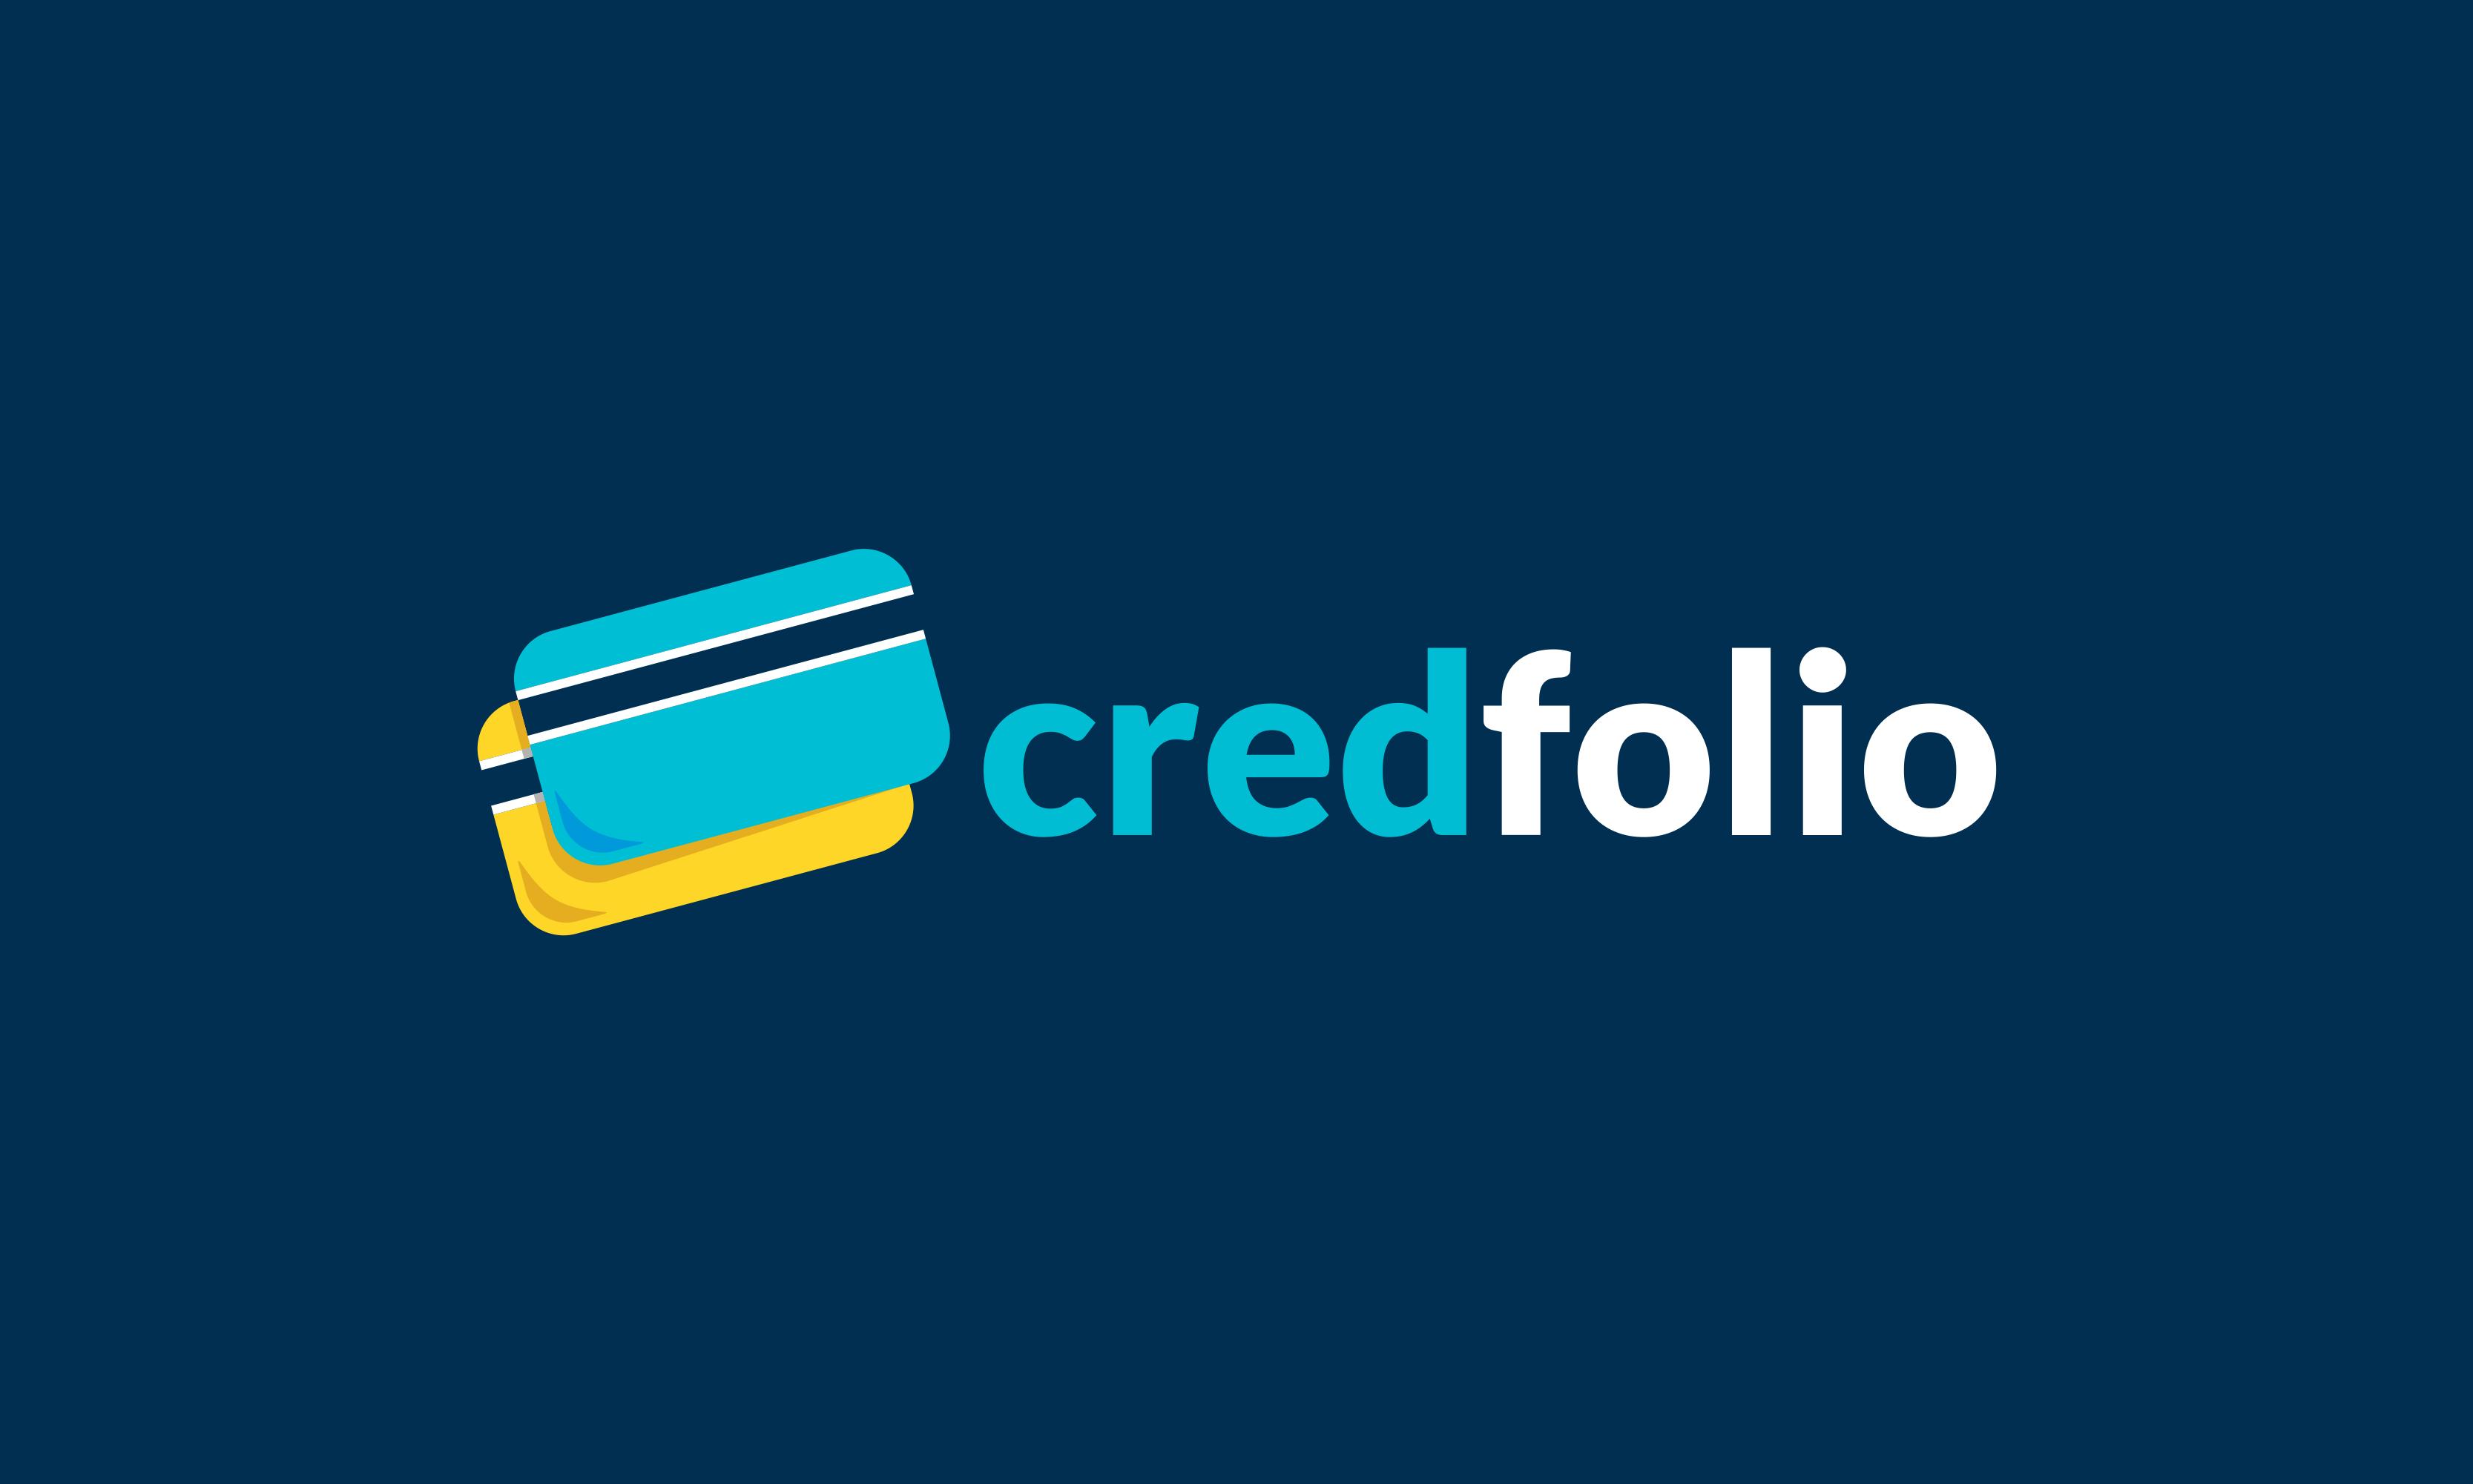 Credfolio